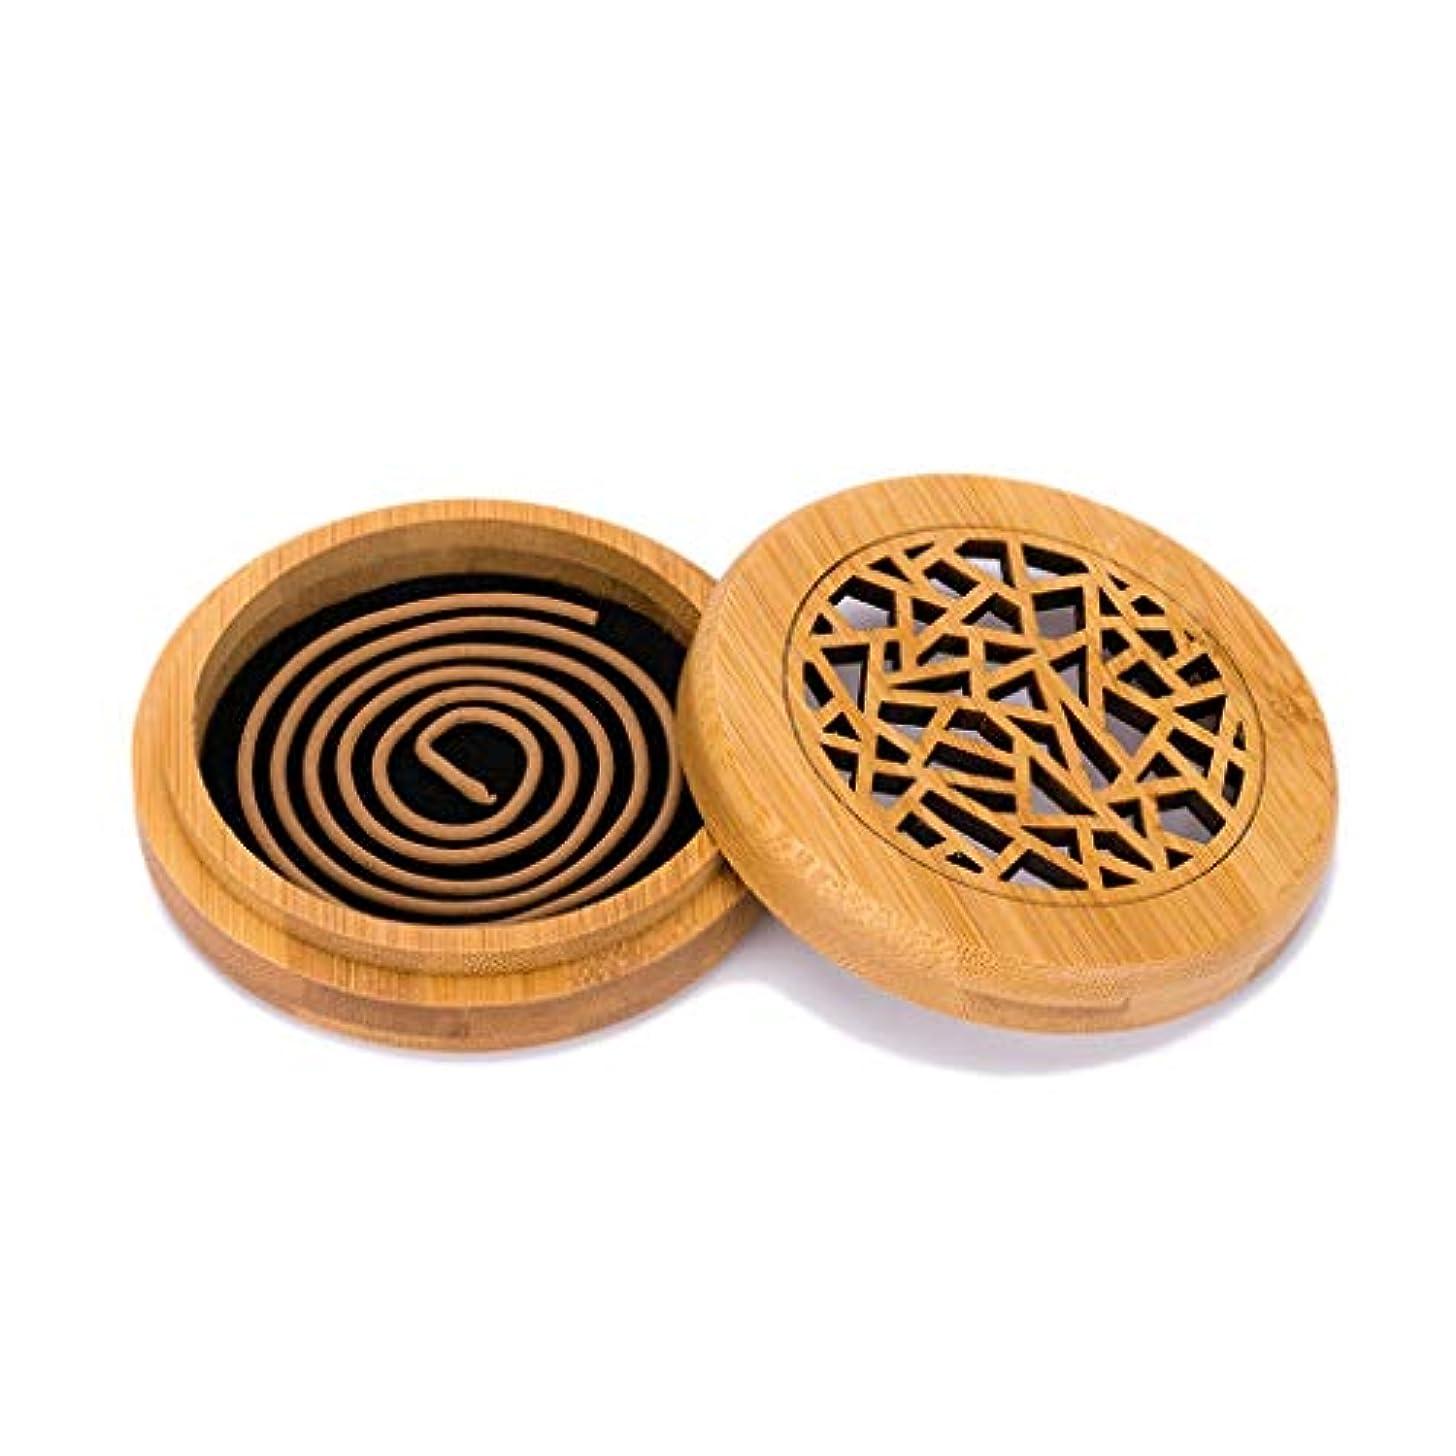 運動ブランチ収入木製香炉コイル香スティックコーンバーナーホルダー部屋の装飾瞑想竹アッシュキャッチャー香ホルダー (Color : Wood, サイズ : Round)